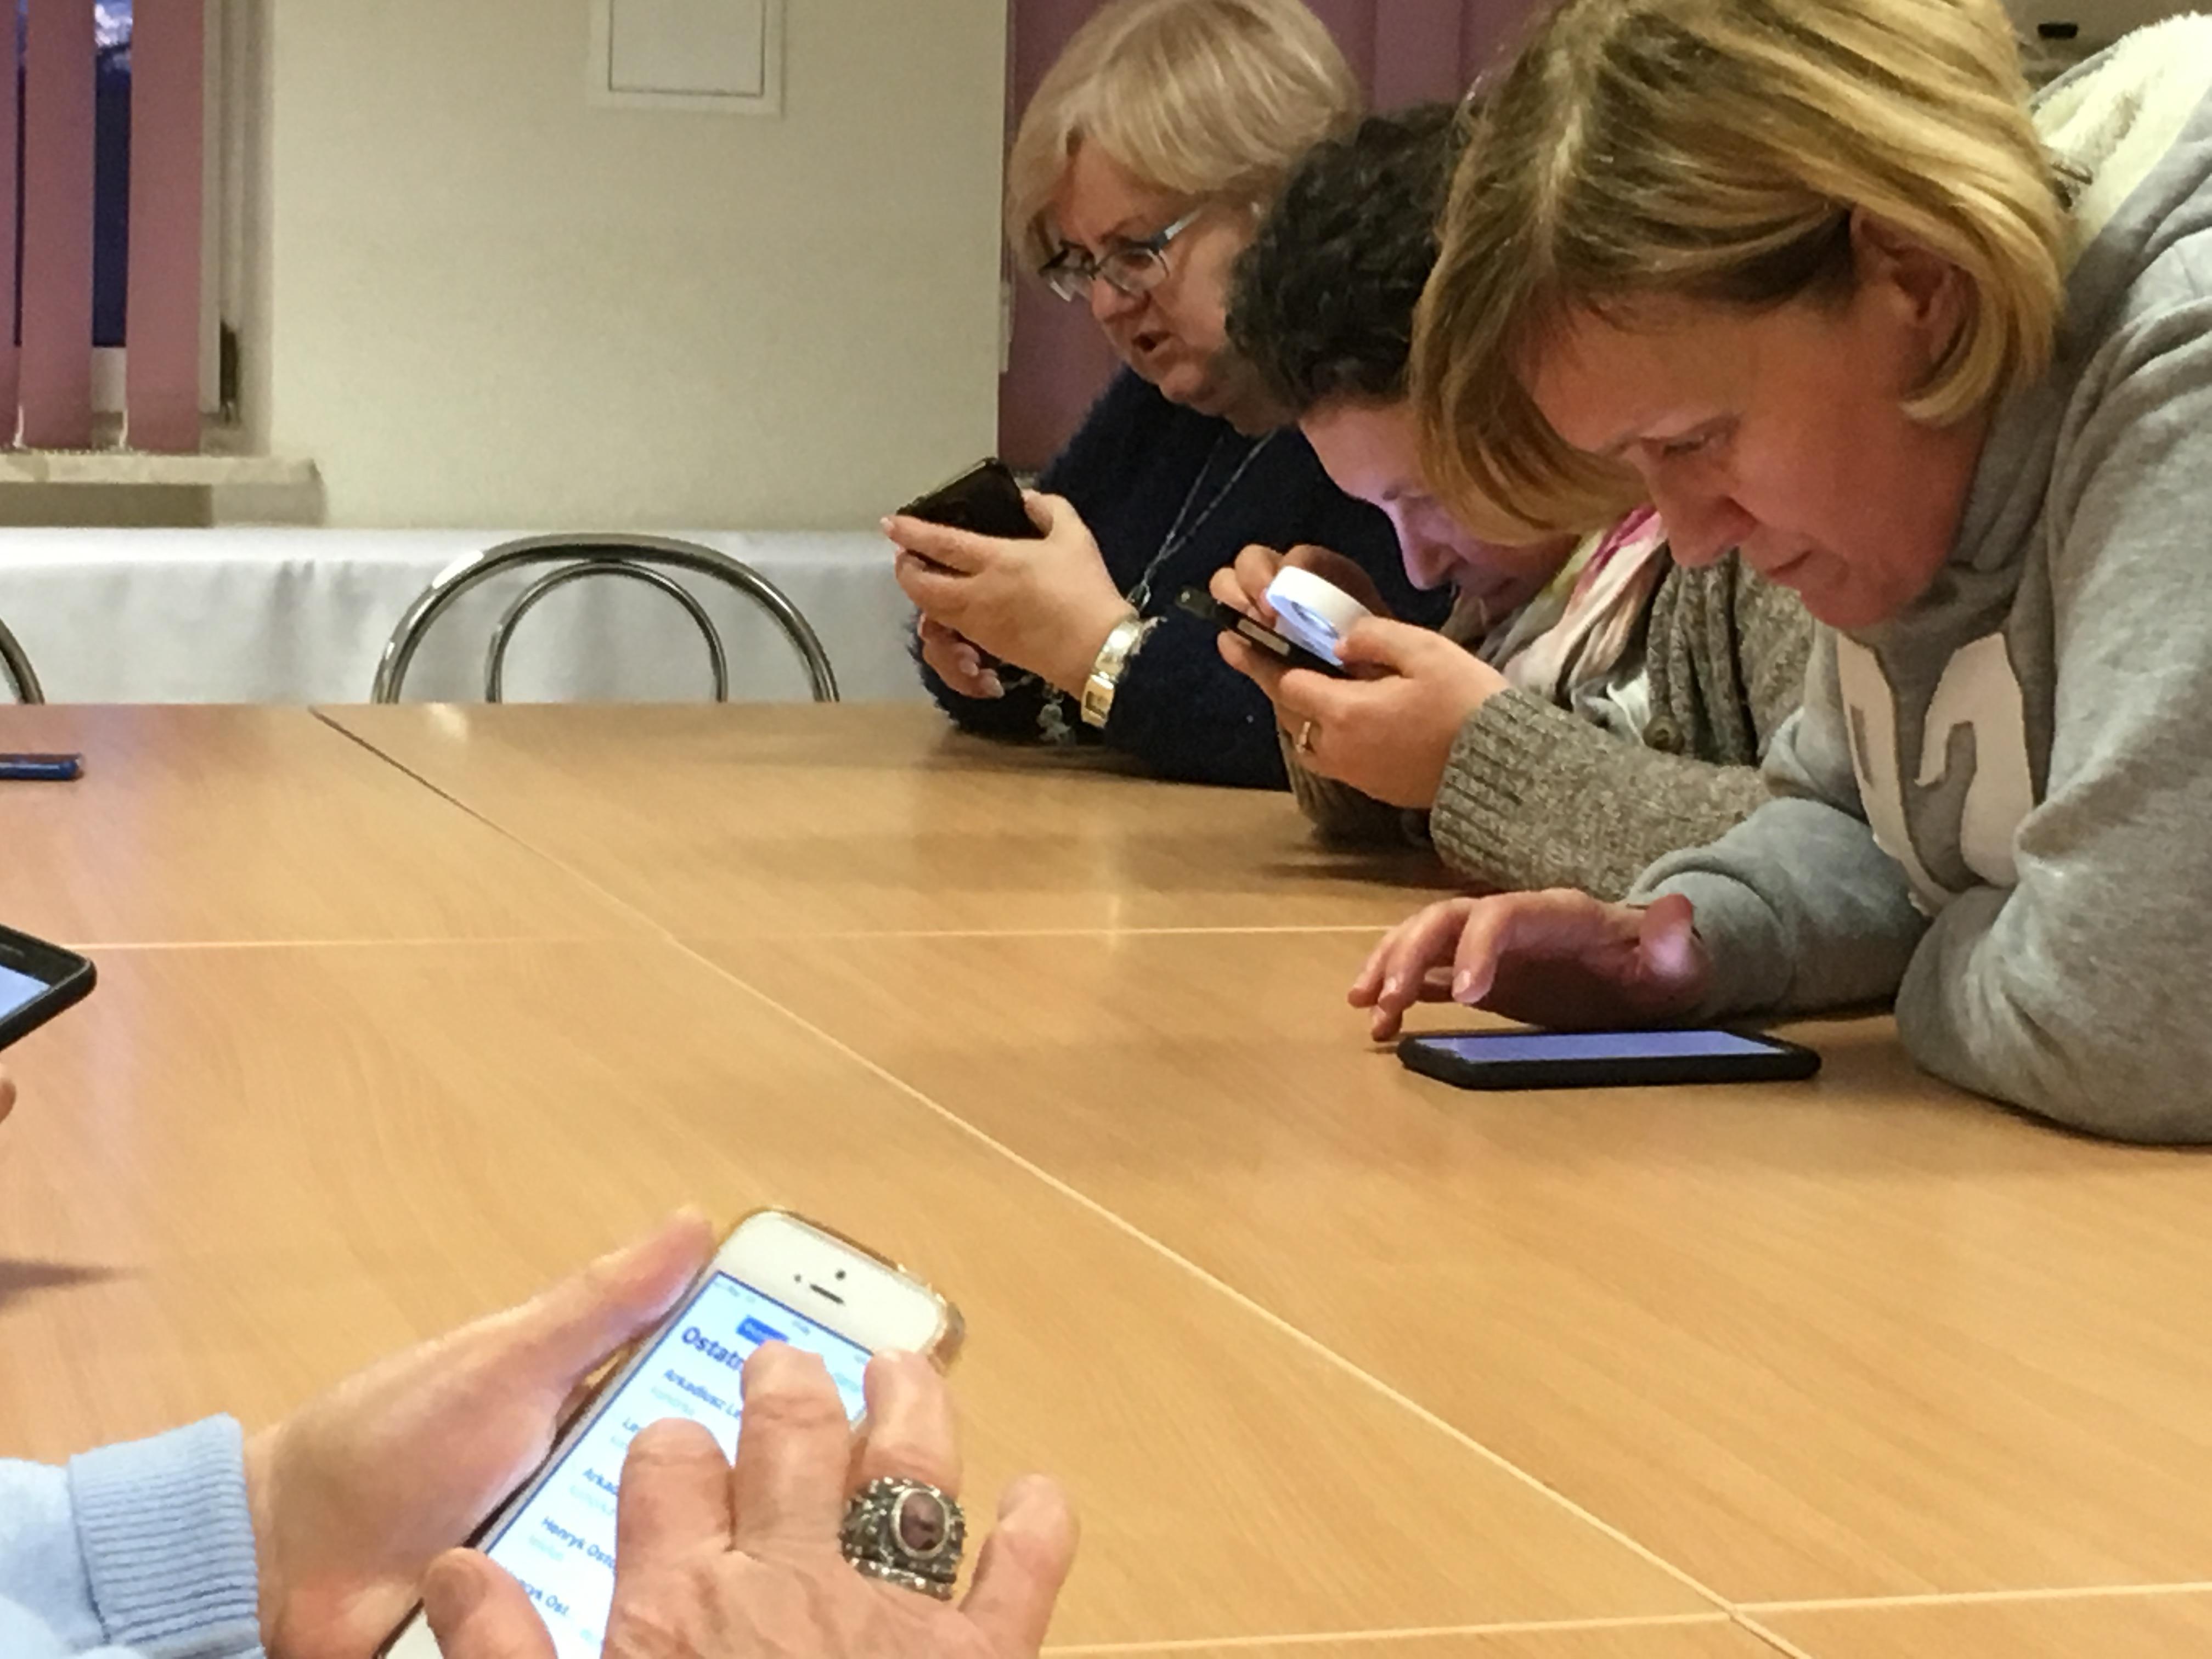 Dwie uczestniczki zjazdu, jedna z nich w okularach, siedzące przy stole pochylone nad smartfonami, które trzymają w dłoniach.